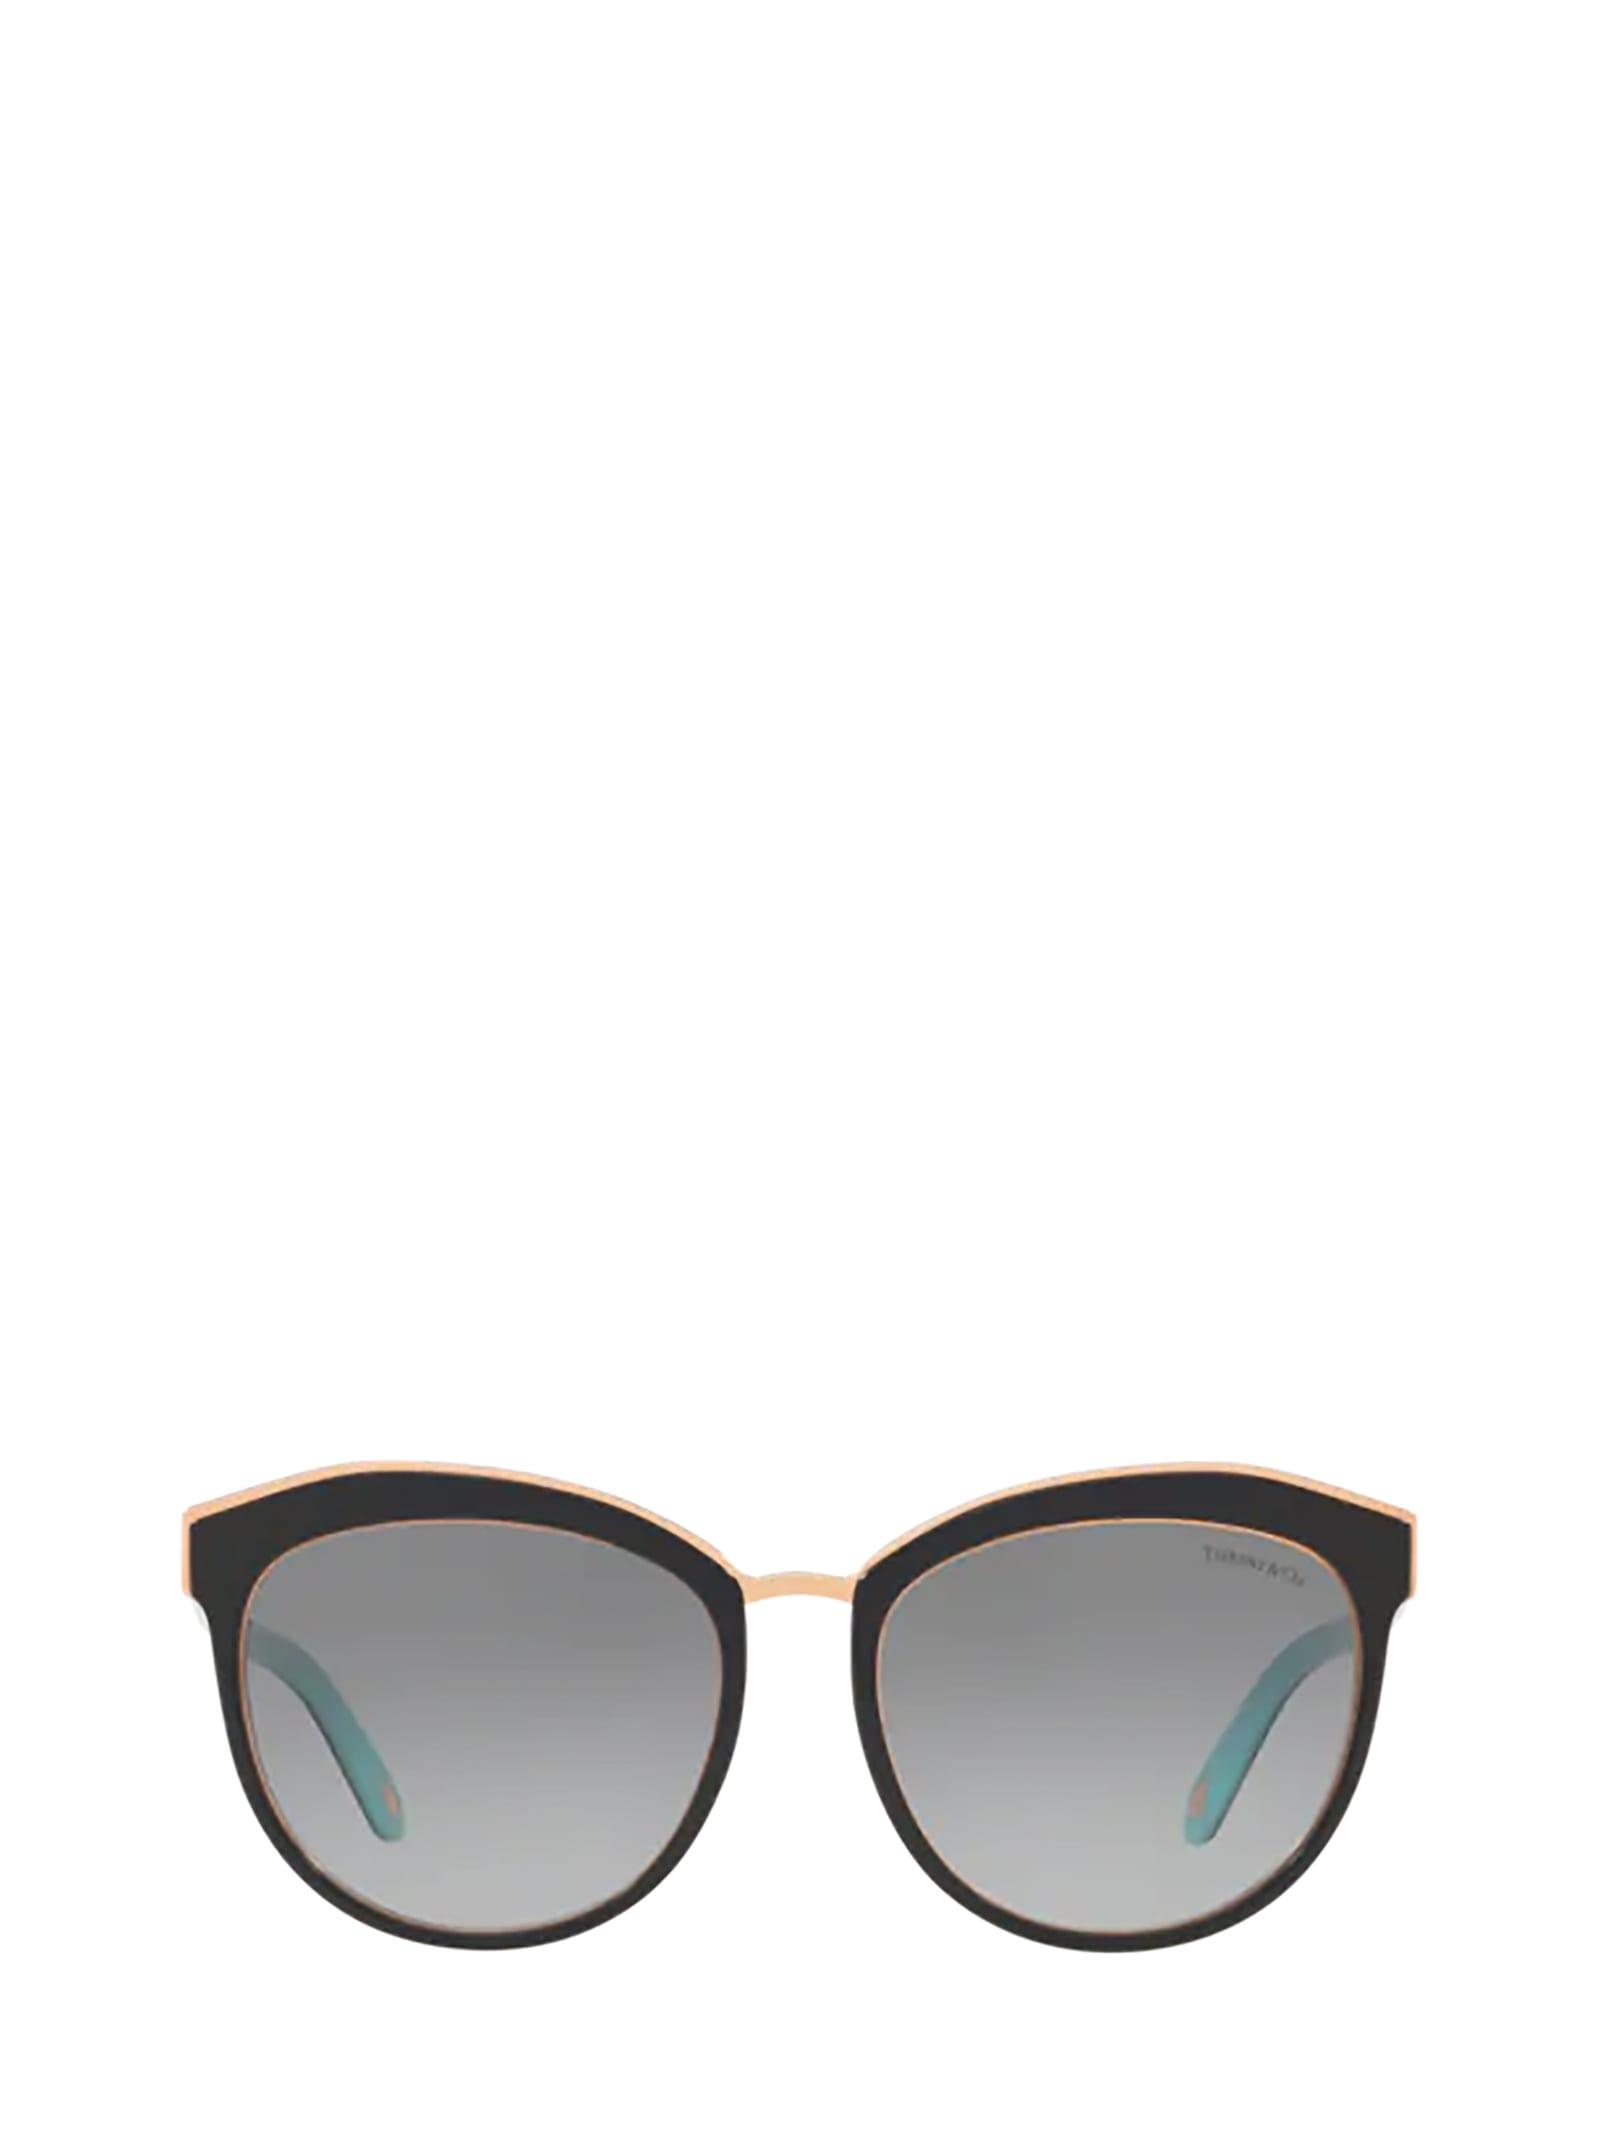 Tiffany & Co. Tiffany Tf4146 Black / Blue Sunglasses